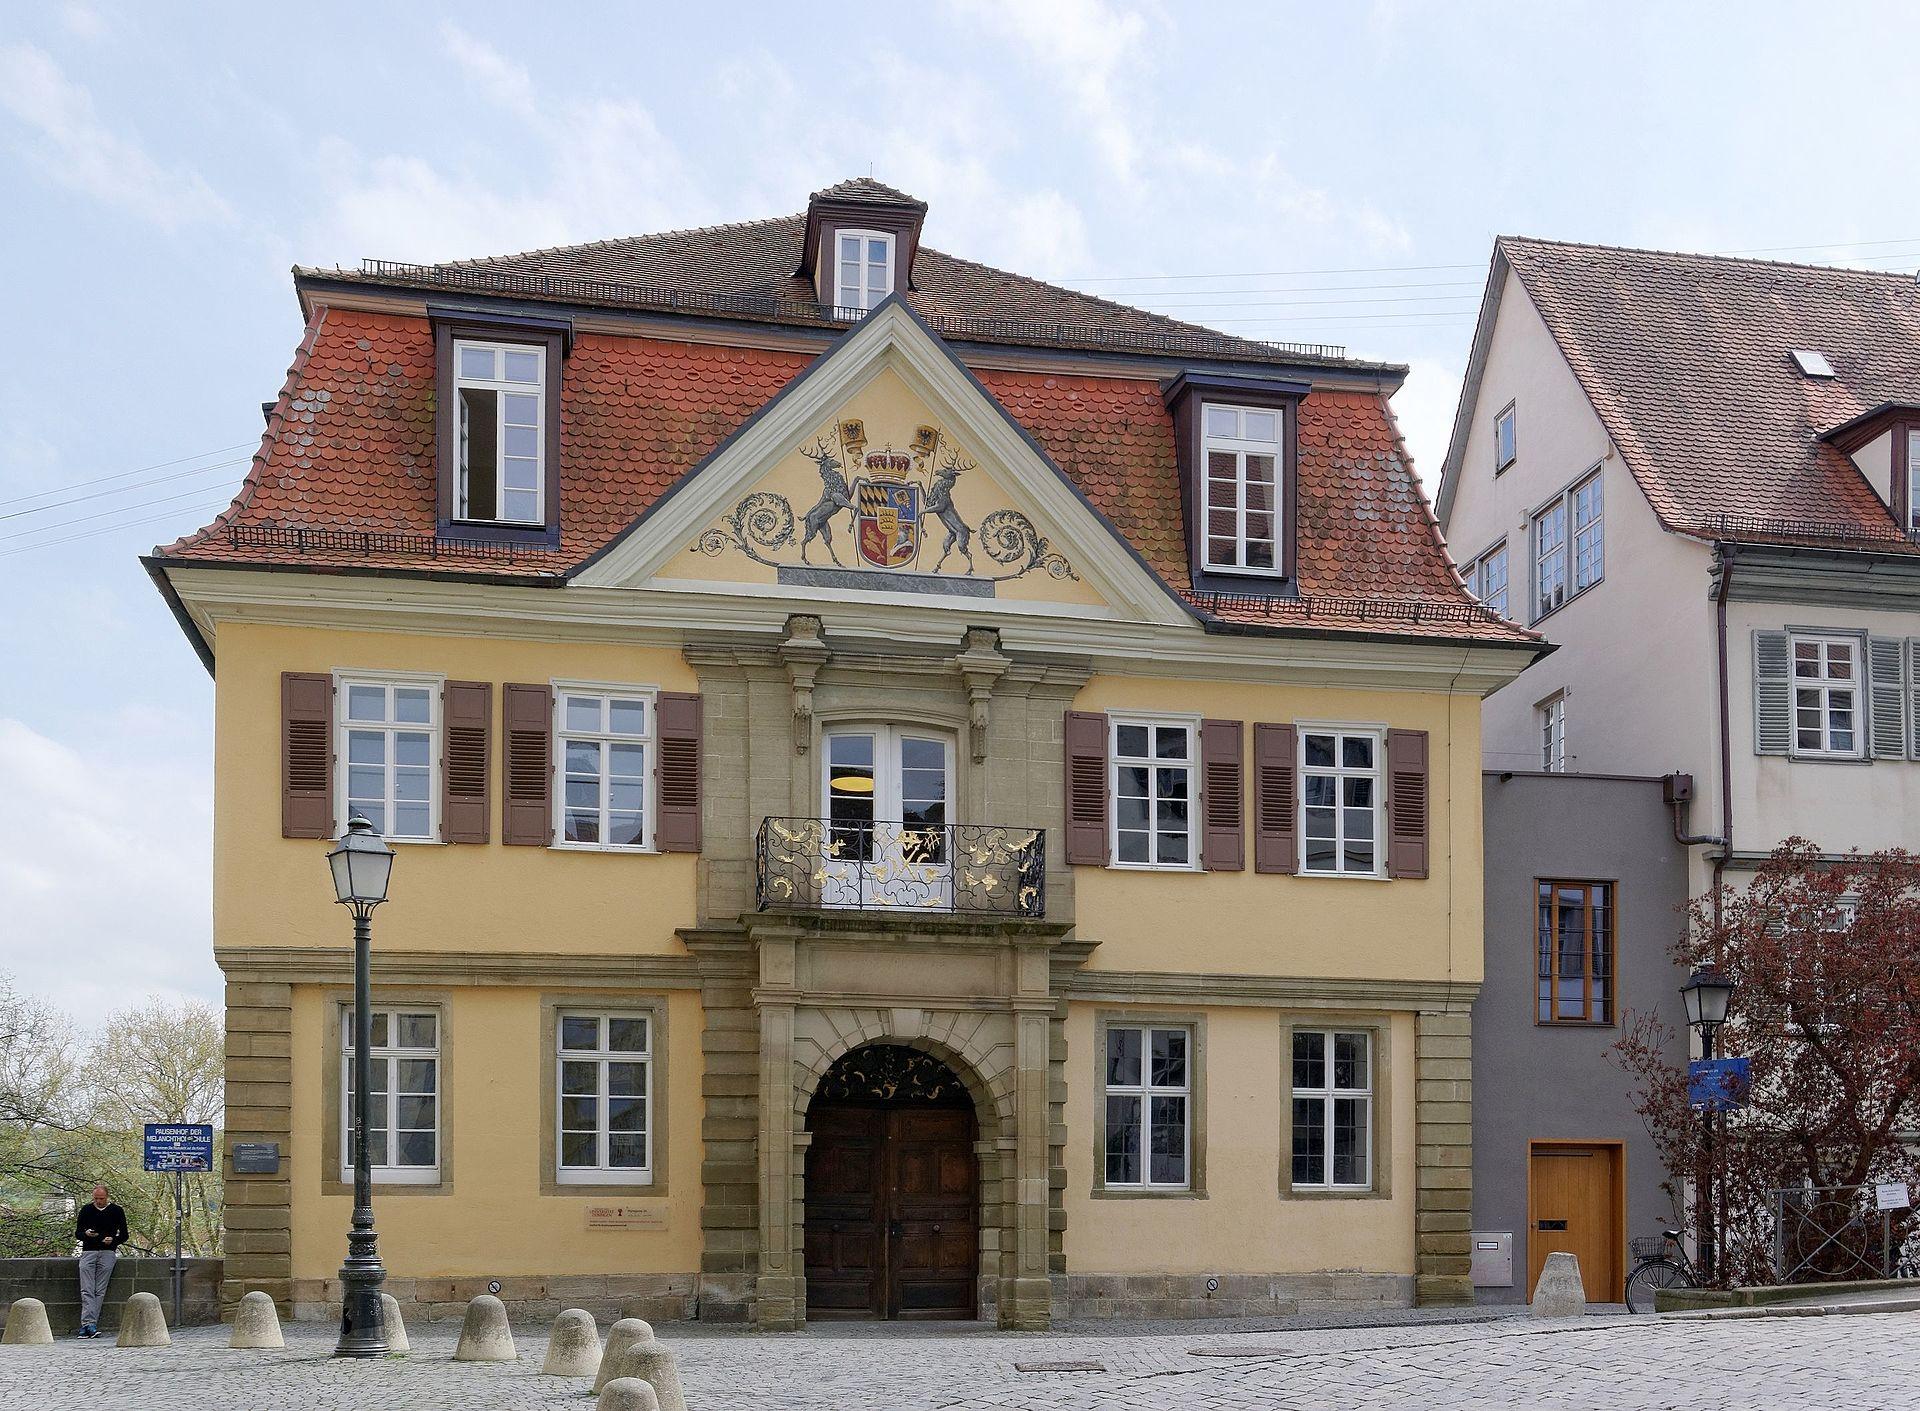 Tübingen_Alte_Aula_BW_2015-04-27_15-48-31